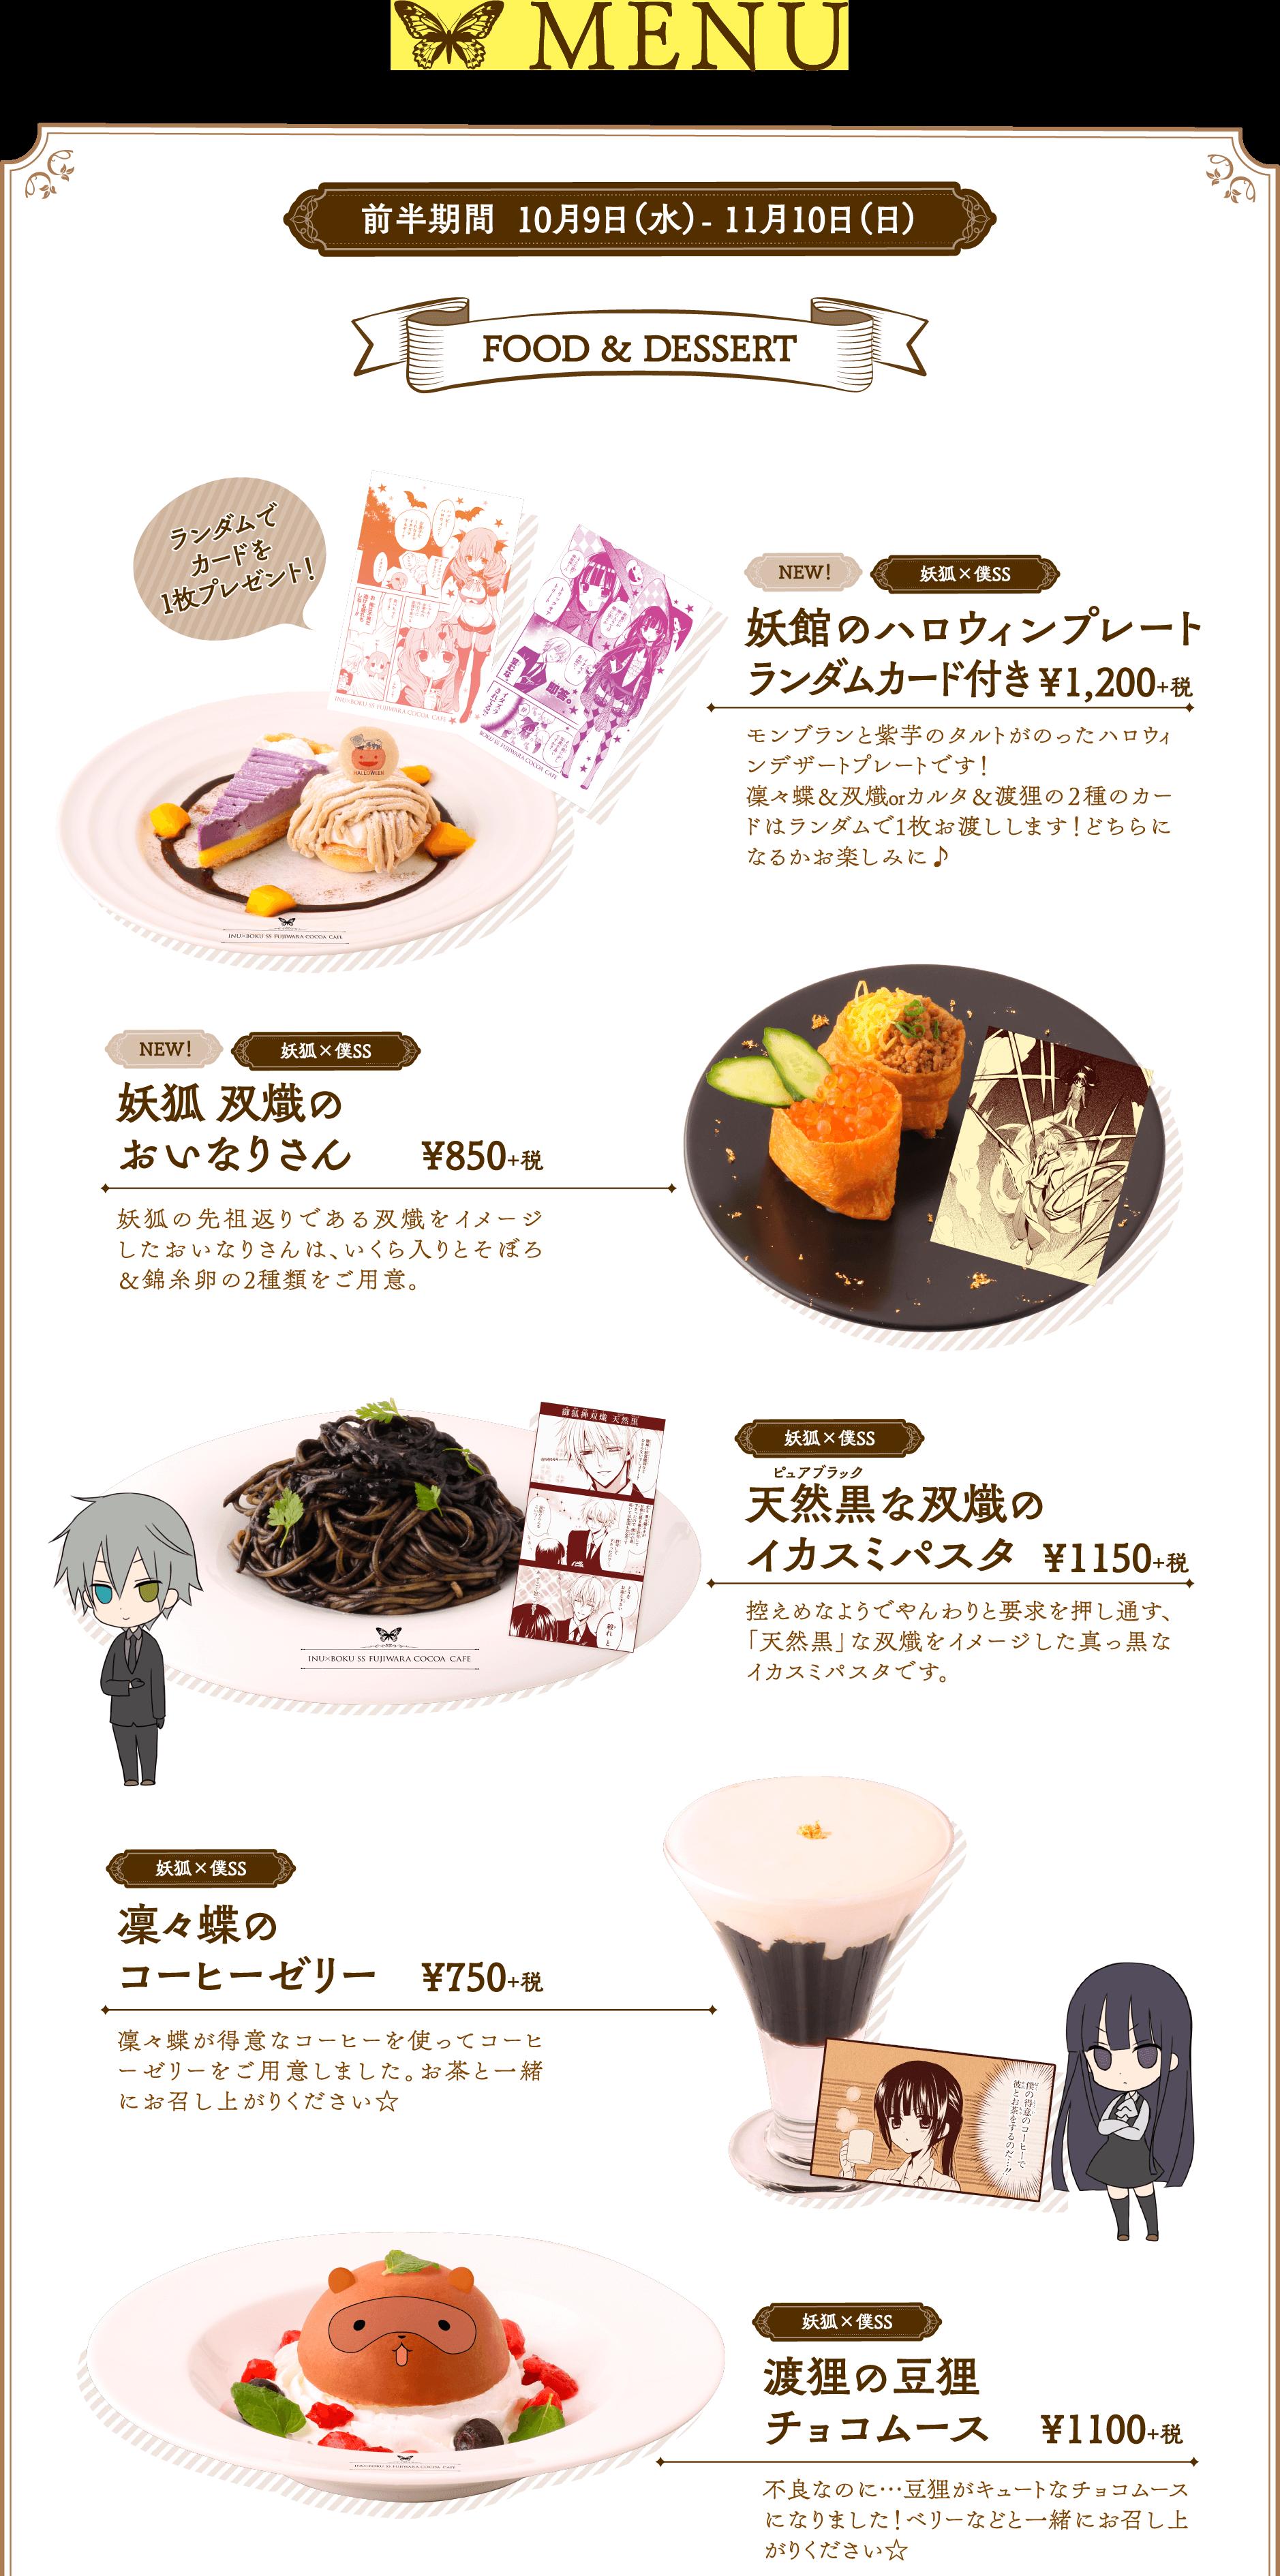 menu-1-20190909.png